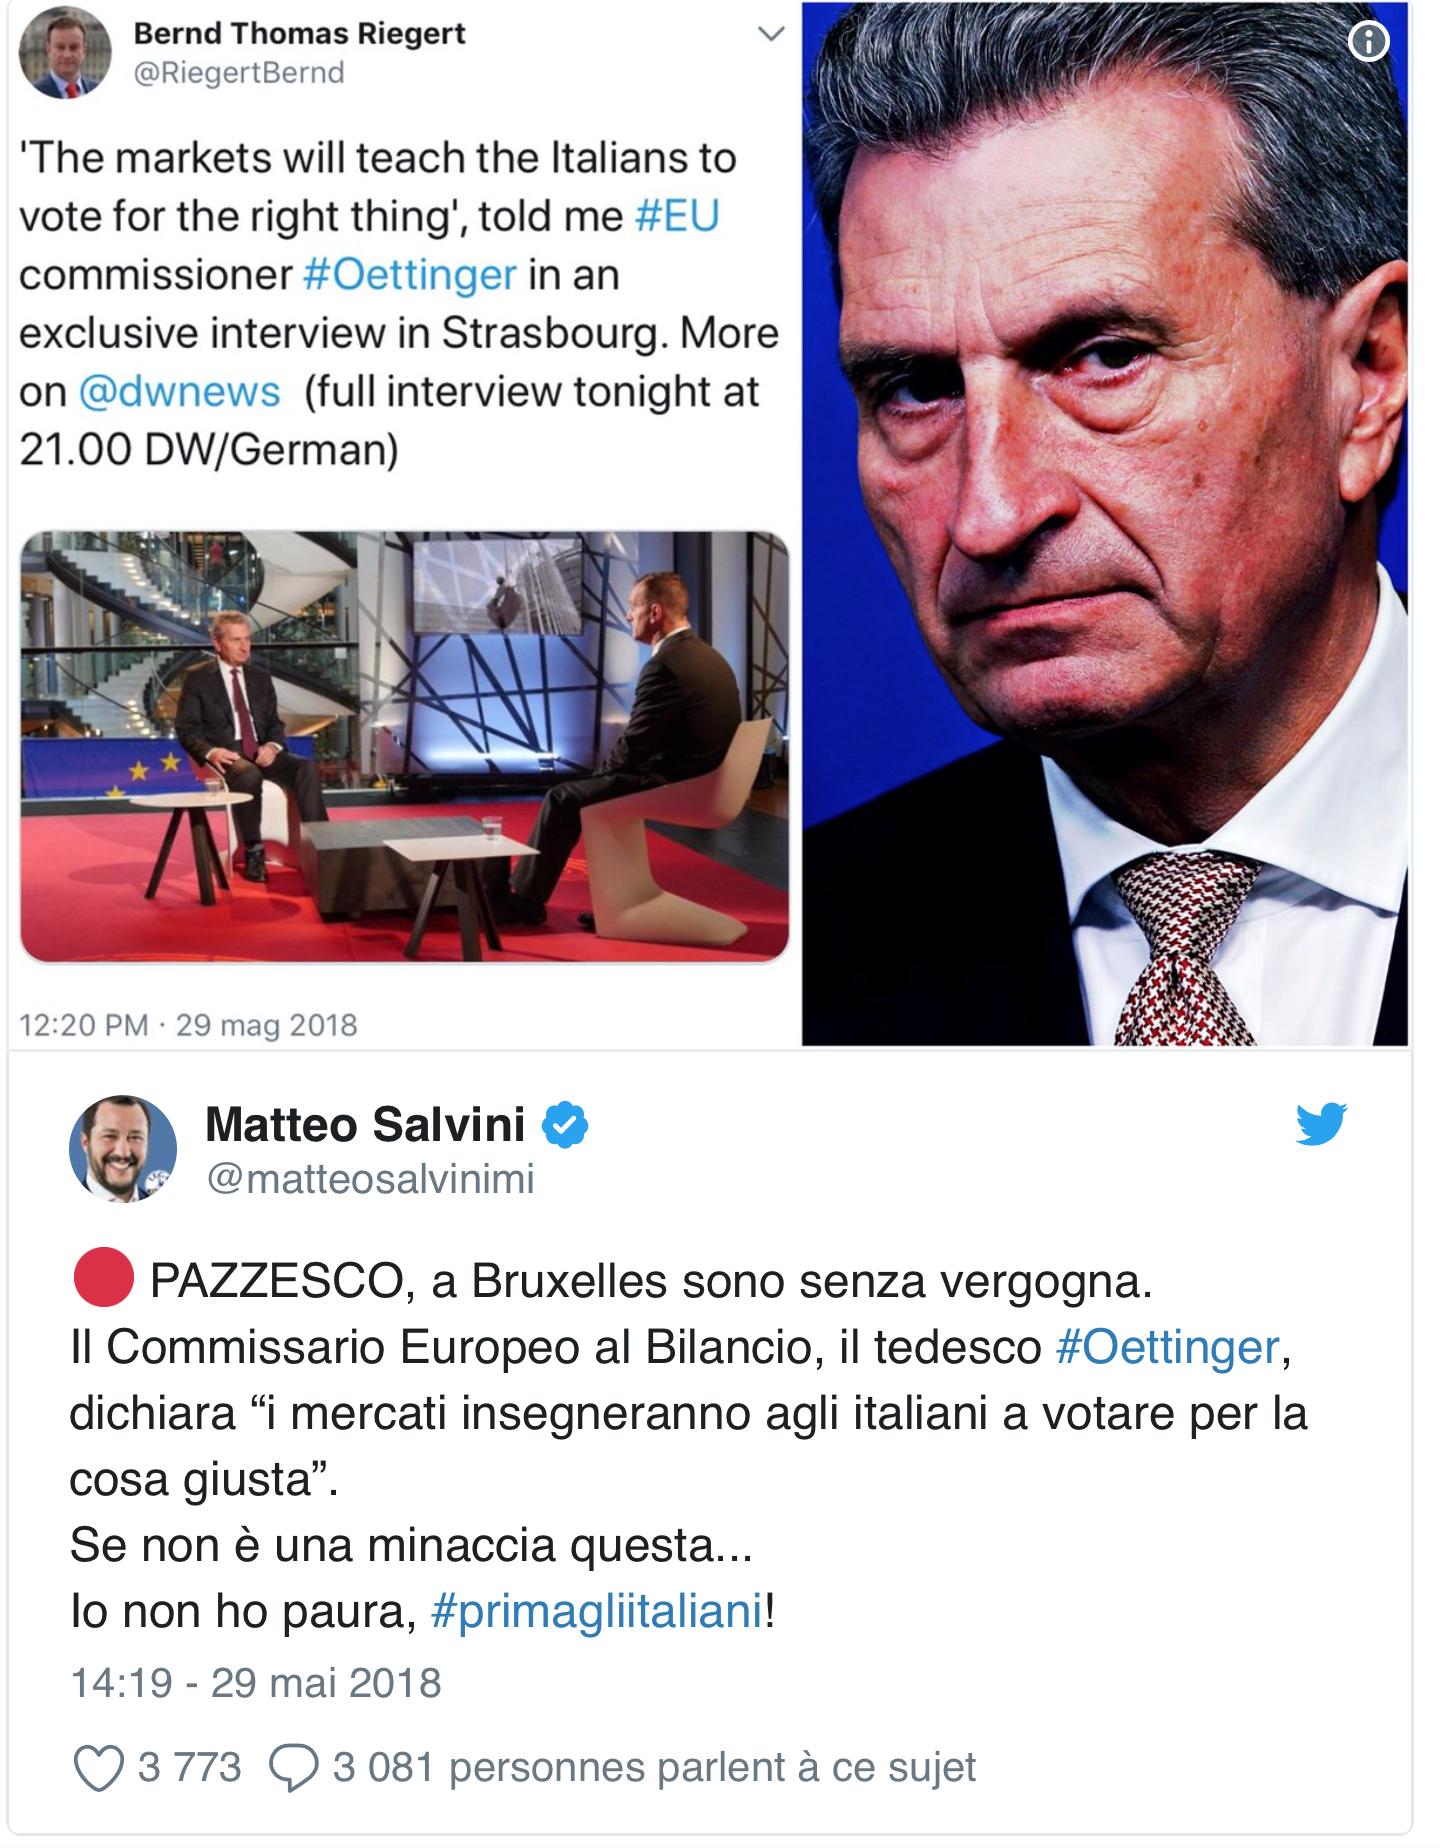 Les Italiens vont-ils laisser Bruxelles et les marchés leur apprendre comment voter ?